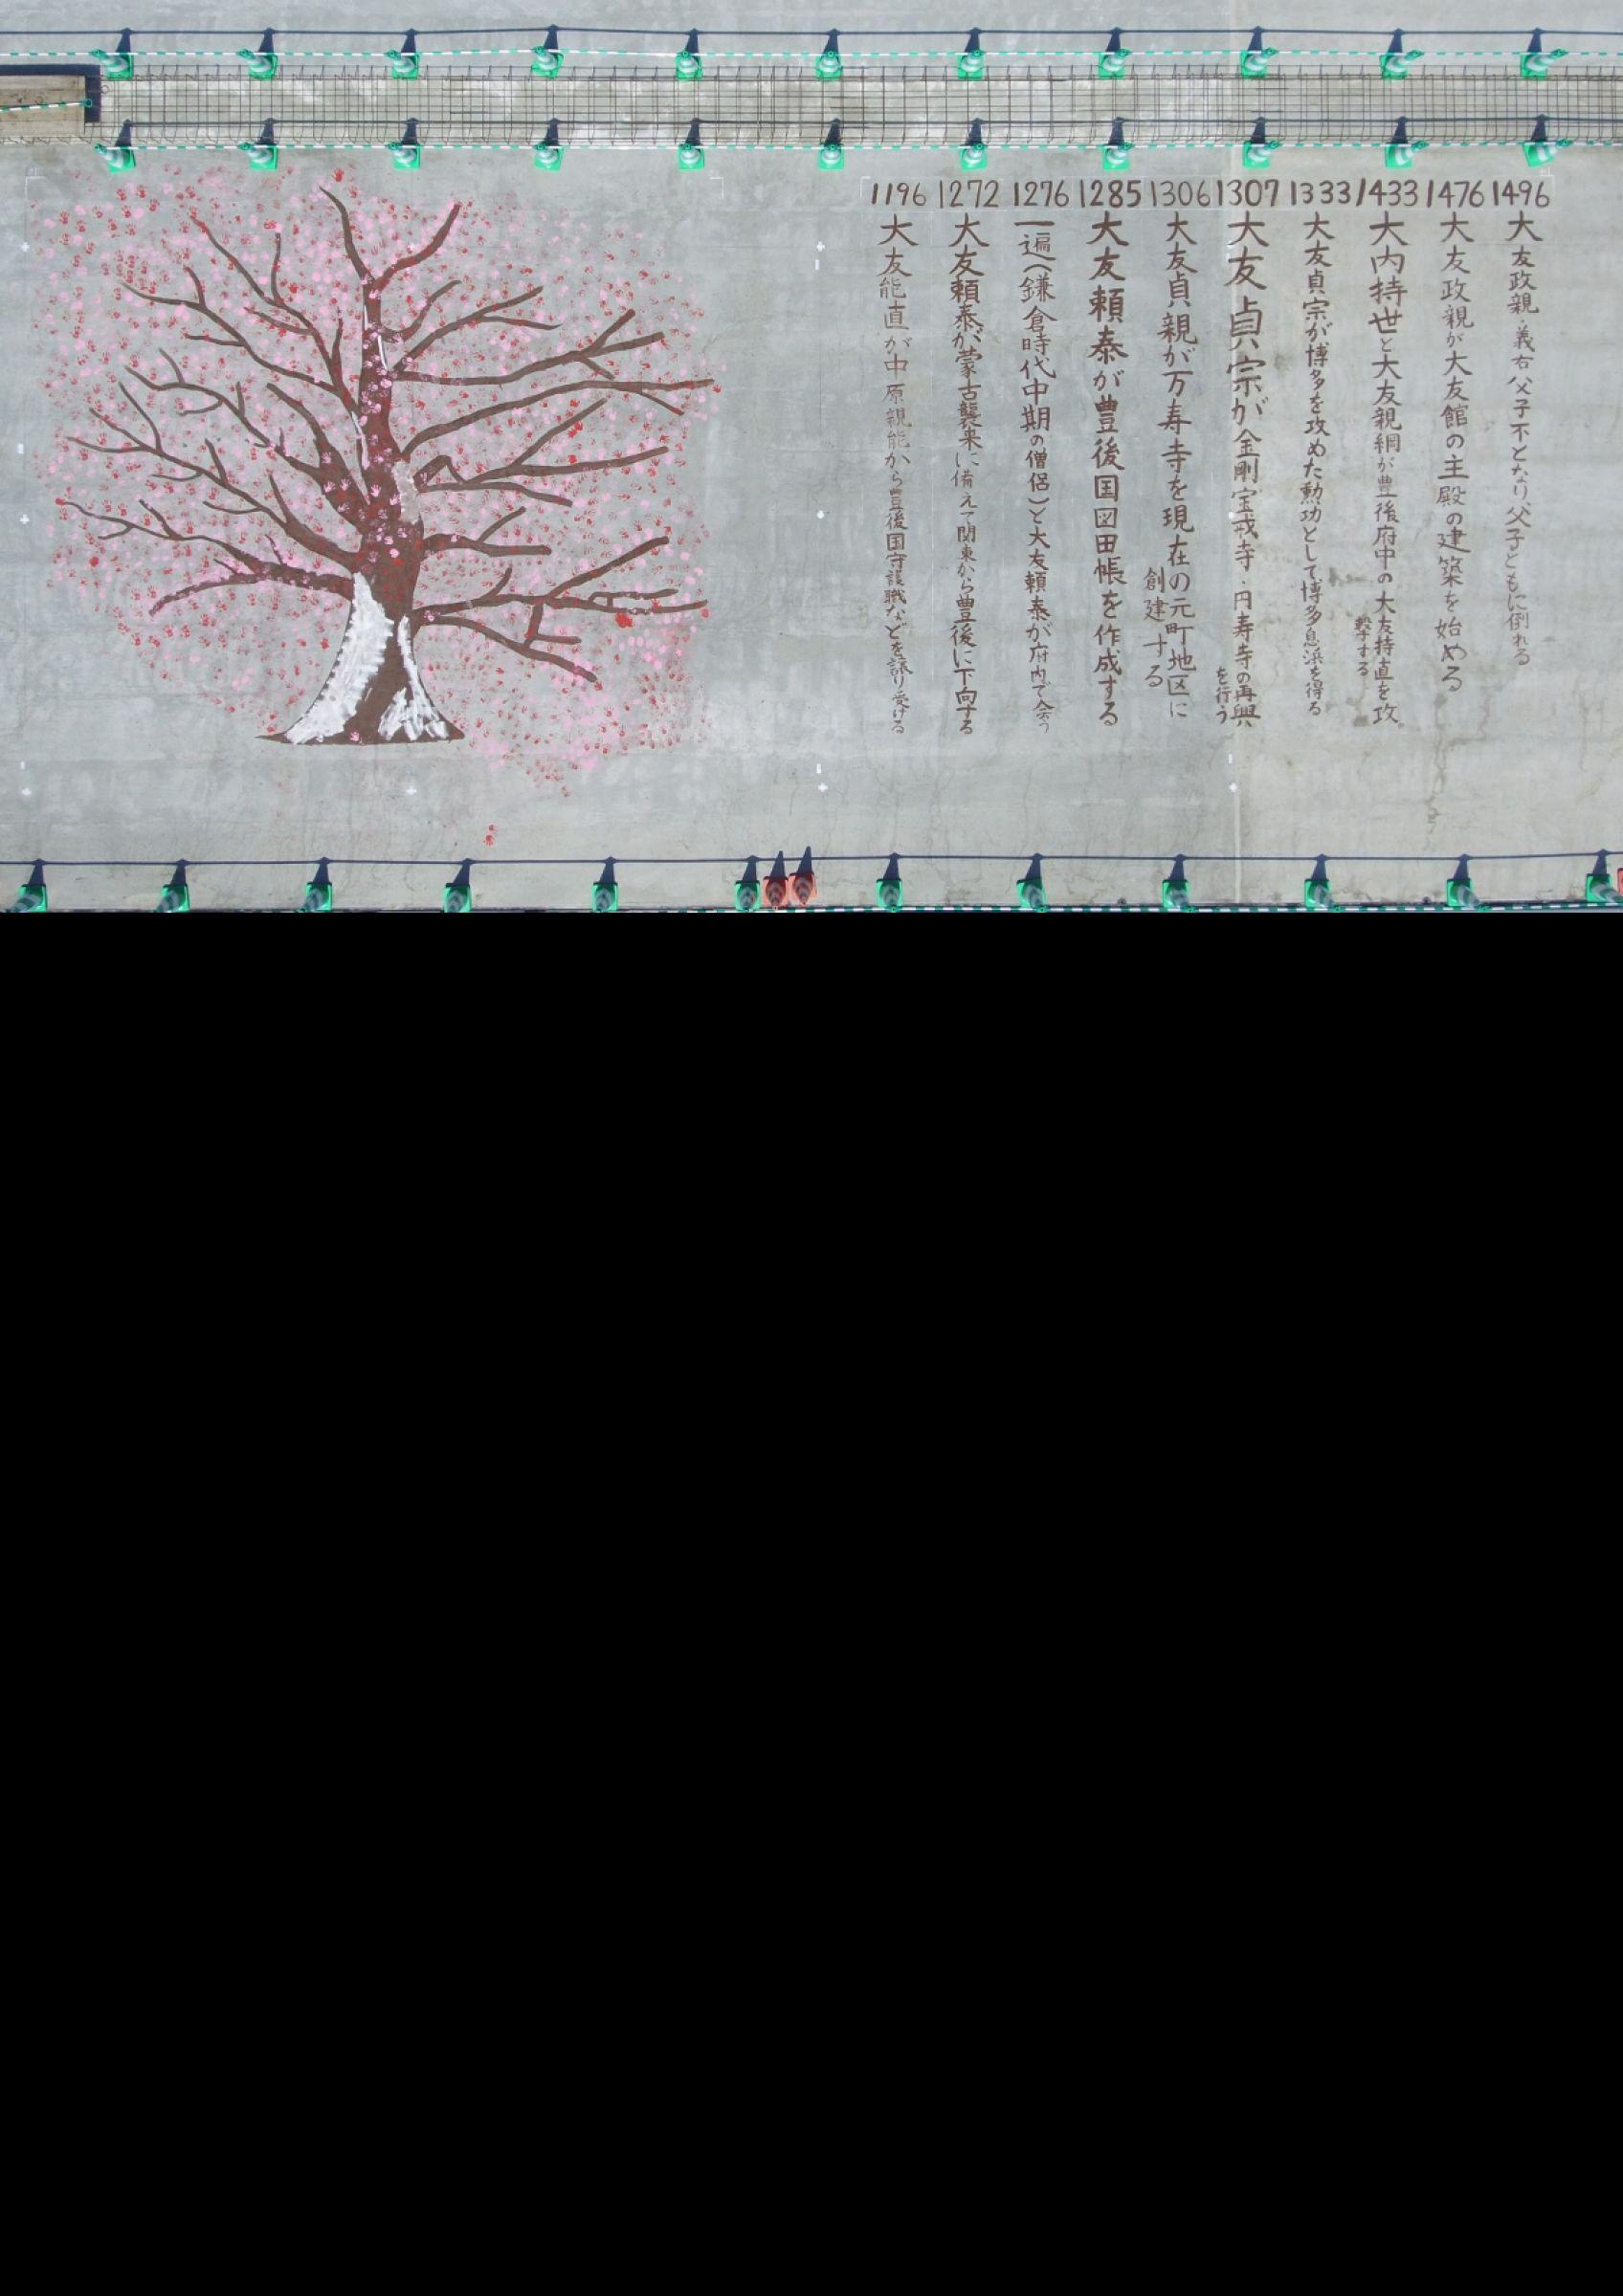 大友持直 - JapaneseClass.jp